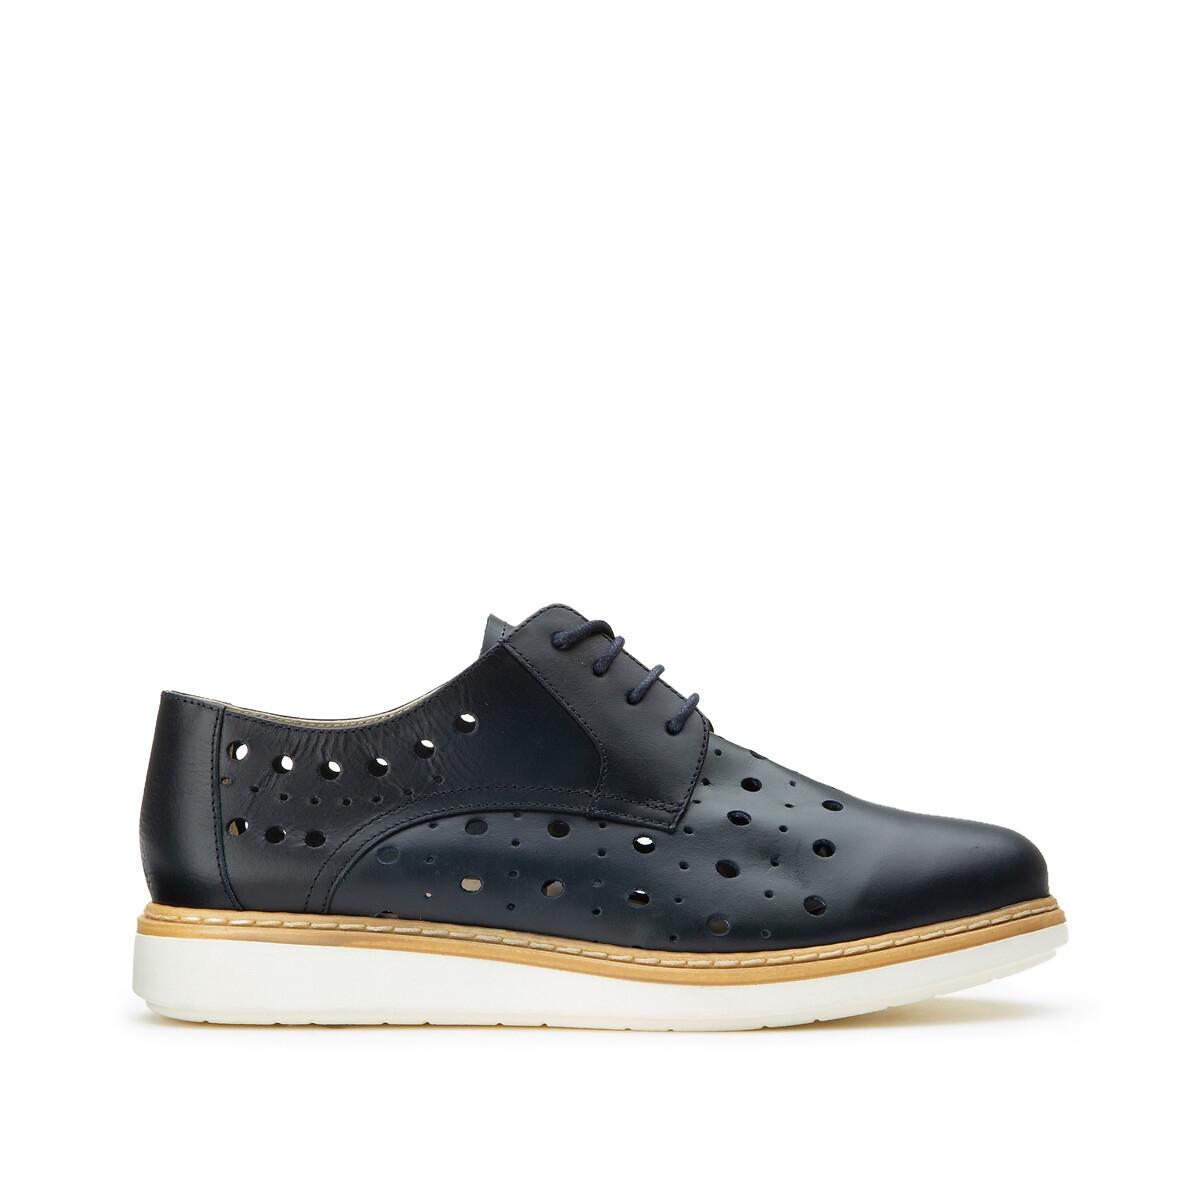 цена Ботинки-дерби La Redoute Кожаные на шнуровке 39 синий онлайн в 2017 году